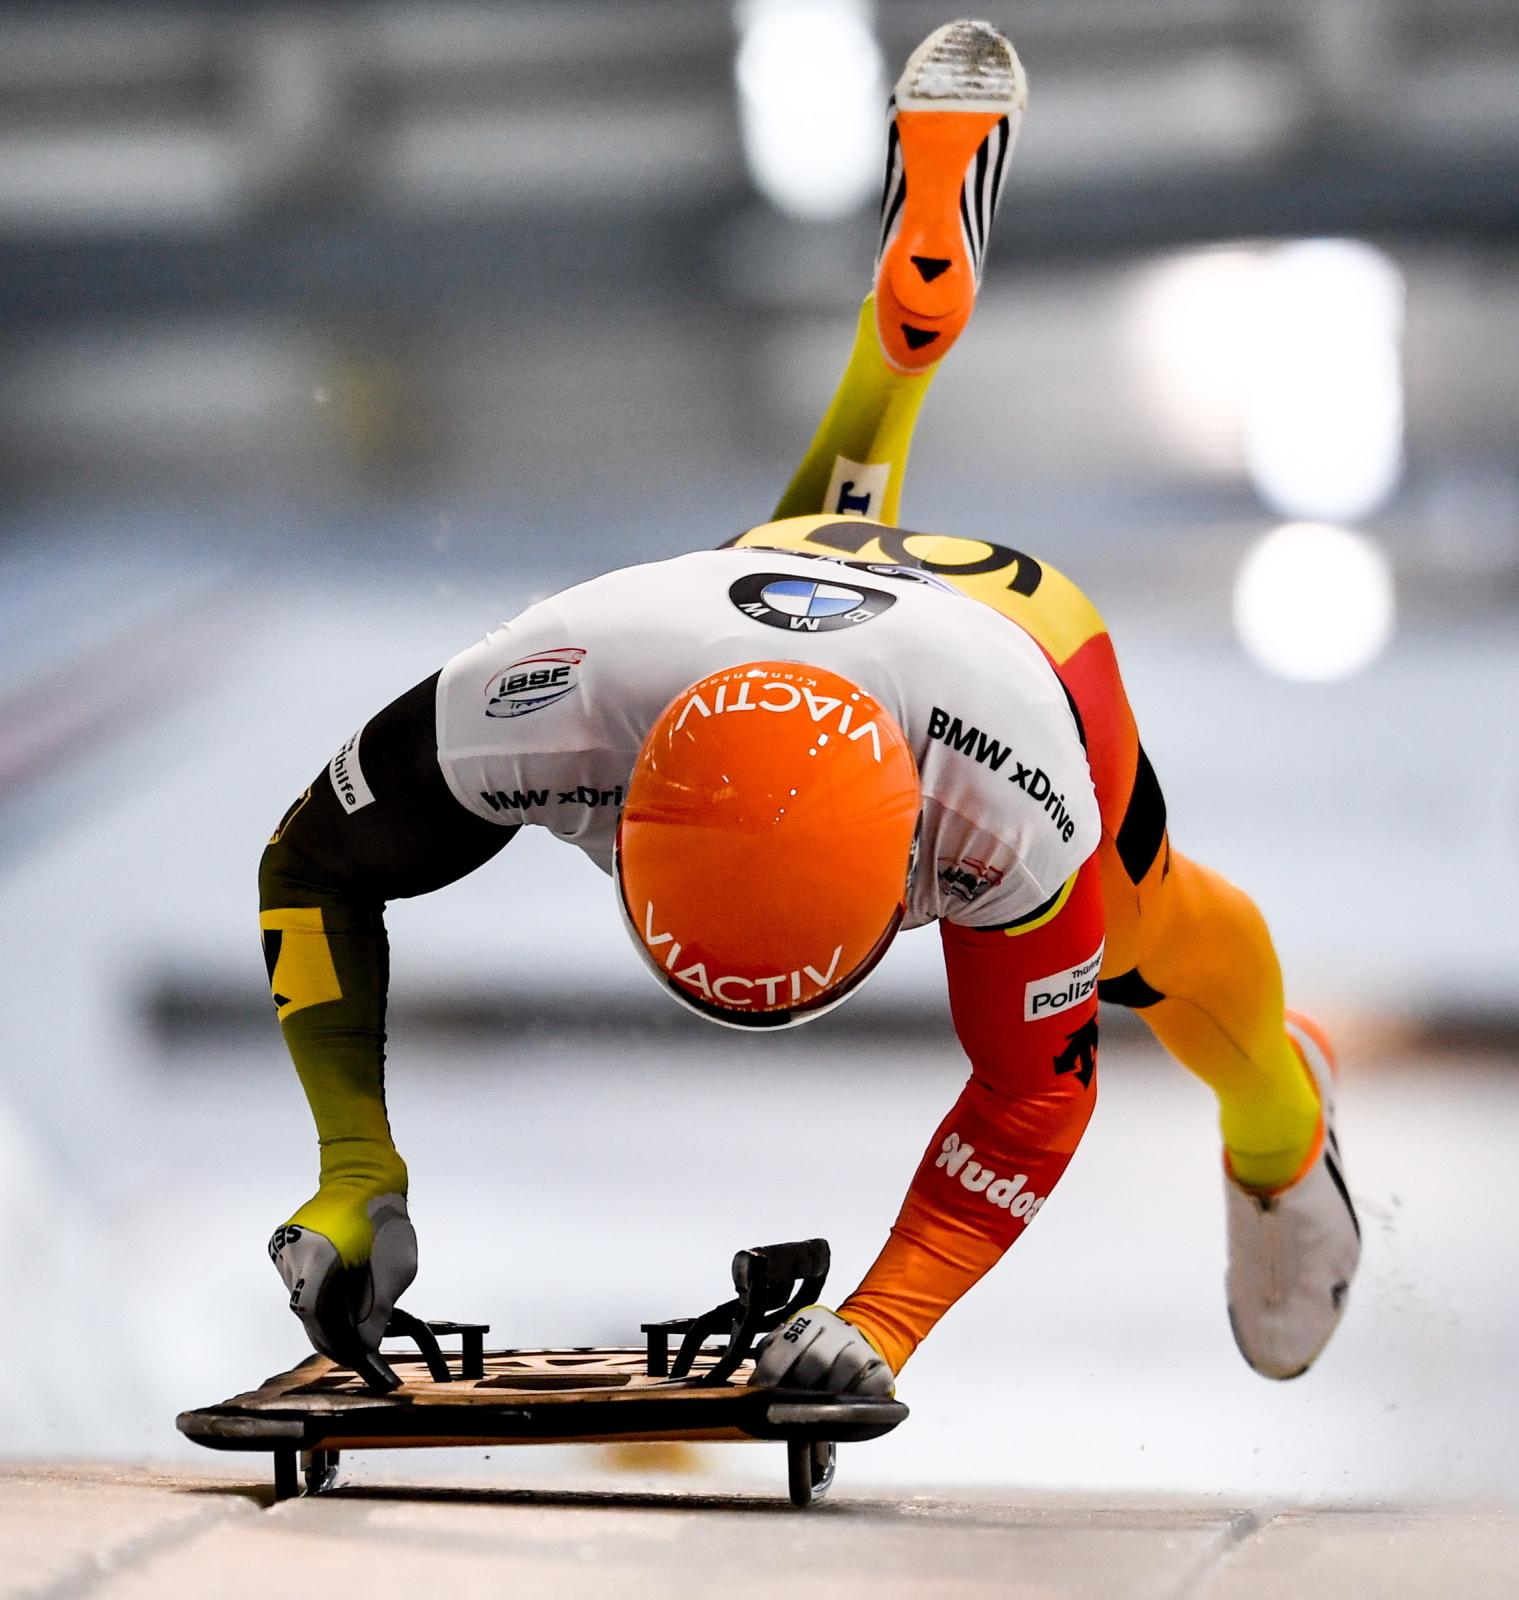 Puchar Świata w skeletonie na torze w niemieckim Altenbergu. Fot. PAP/EPA/FILIP SINGER